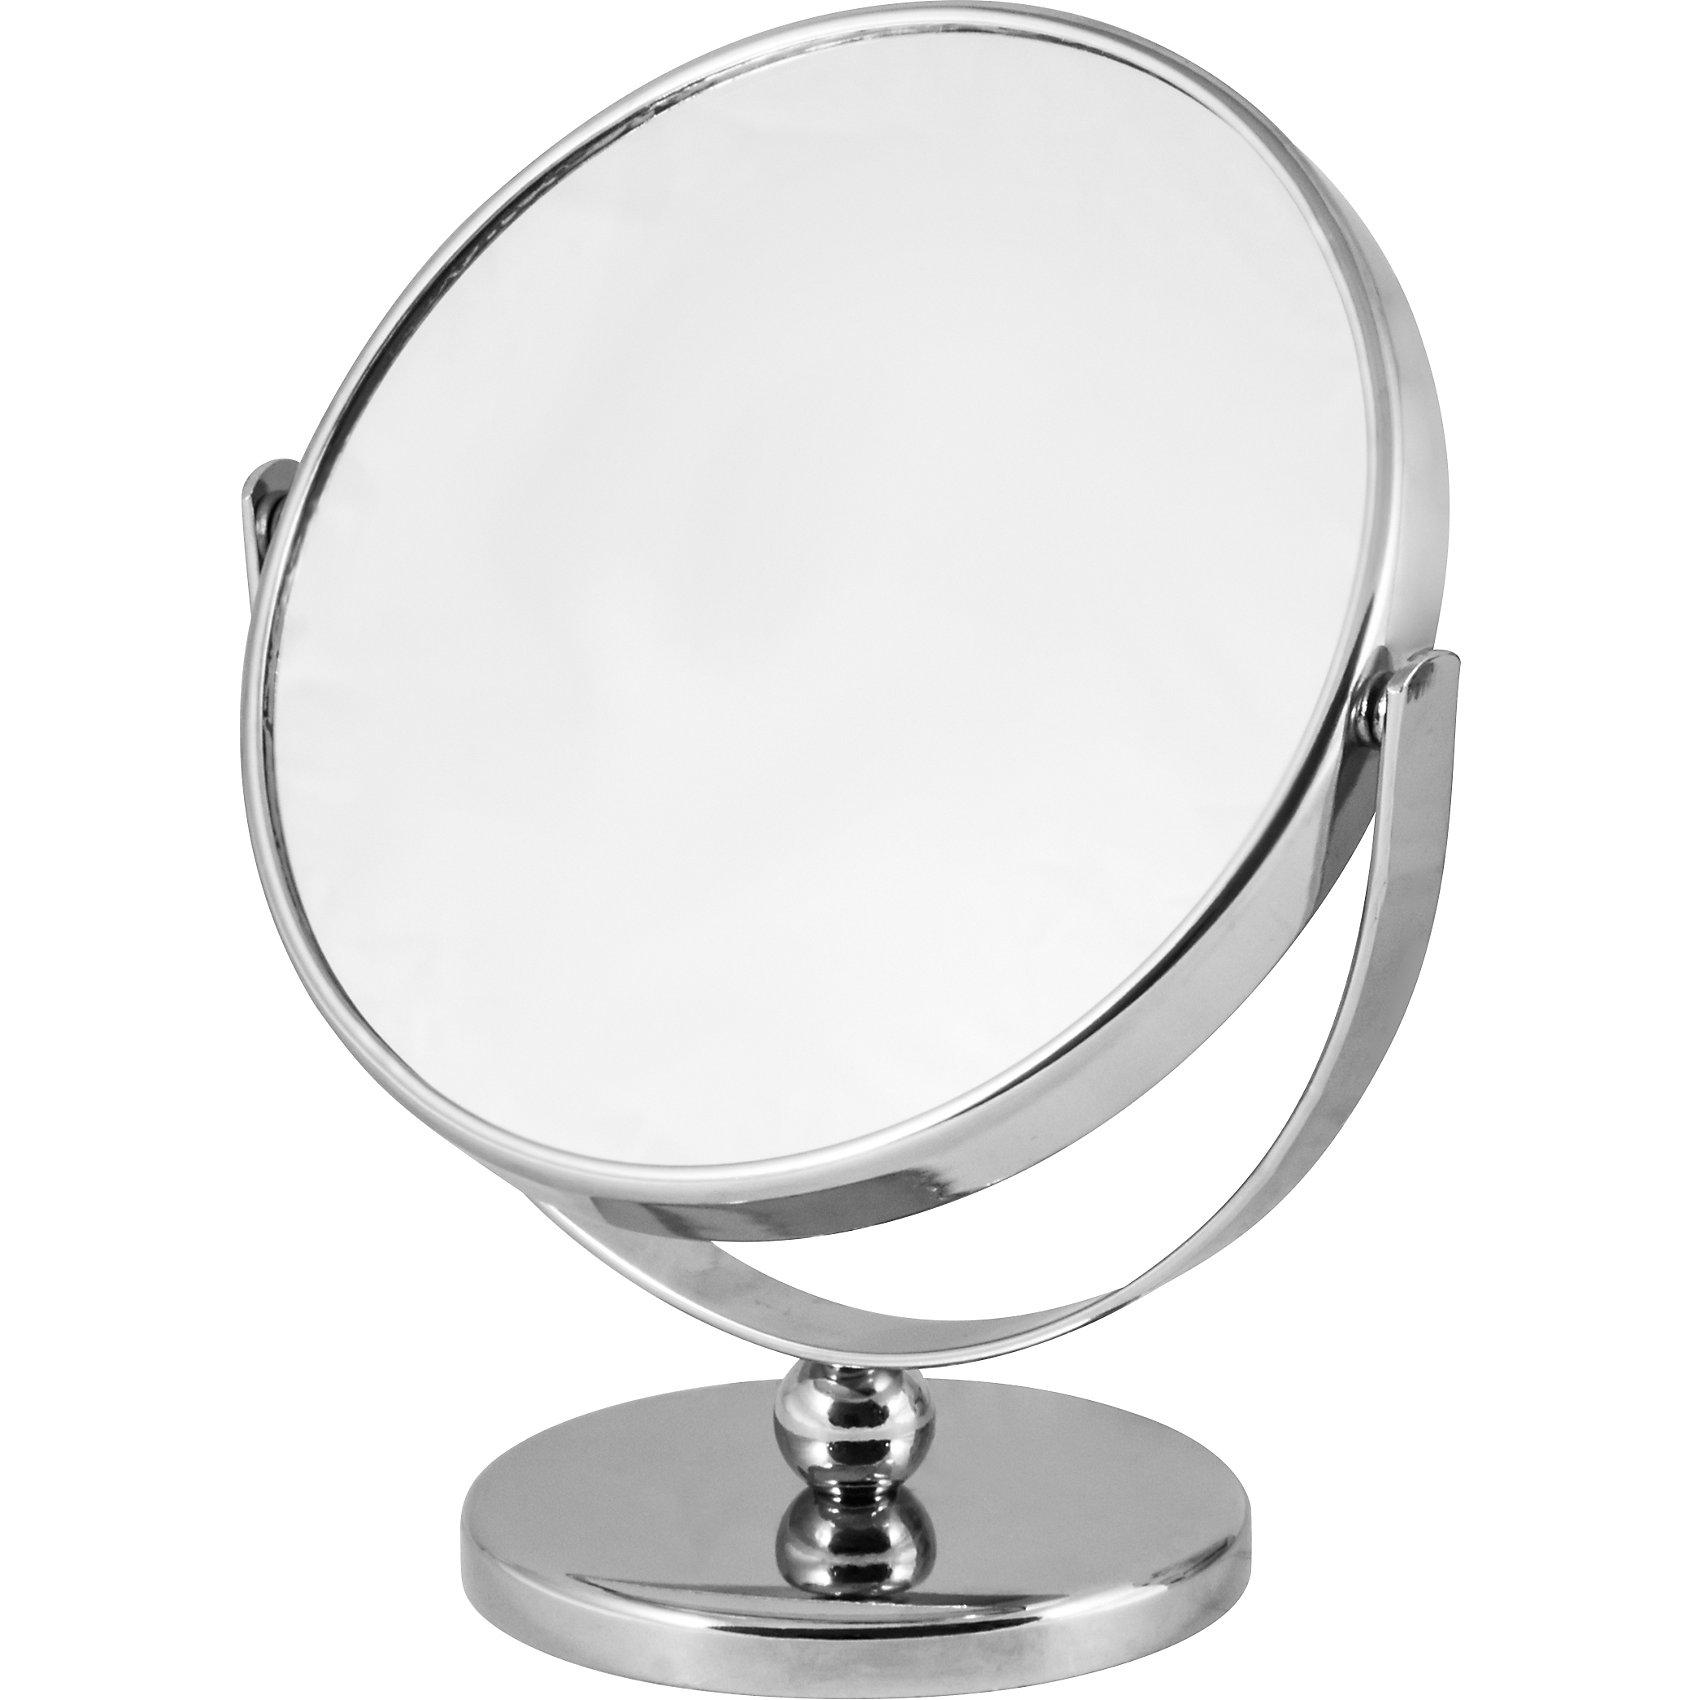 Зеркало косметическое M-3135 двухстороннее, Рыжий котВанная комната<br>Зеркало косметическое M-3135 двухстороннее, Рыжий кот<br><br>Характеристики:<br><br>• пятикратное увеличение<br>• расположено на ножке<br>• диаметр: 12,5 см<br>• размер: 13,5х8х15 см<br>• материал: хромированный металл, стекло<br>• размер упаковки: 18х9х14 см<br>• вес: 364 грамма<br><br>Косметическое зеркало - необходимый аксессуар для ванной комнаты. Оно поможет вам создать правильный макияж, прическу и выполнить гигиенические процедуры. Одна сторона имеет обычное зеркало, а другая - зеркало с пятикратным увеличением. Зеркало расположено на ножке, благодаря чему вы сможете удобно расположить его в вашей ванной.<br><br>Зеркало косметическое M-3135 двухстороннее, Рыжий кот вы можете купить в нашем интернет-магазине.<br><br>Ширина мм: 140<br>Глубина мм: 90<br>Высота мм: 180<br>Вес г: 364<br>Возраст от месяцев: 216<br>Возраст до месяцев: 1188<br>Пол: Унисекс<br>Возраст: Детский<br>SKU: 5622855